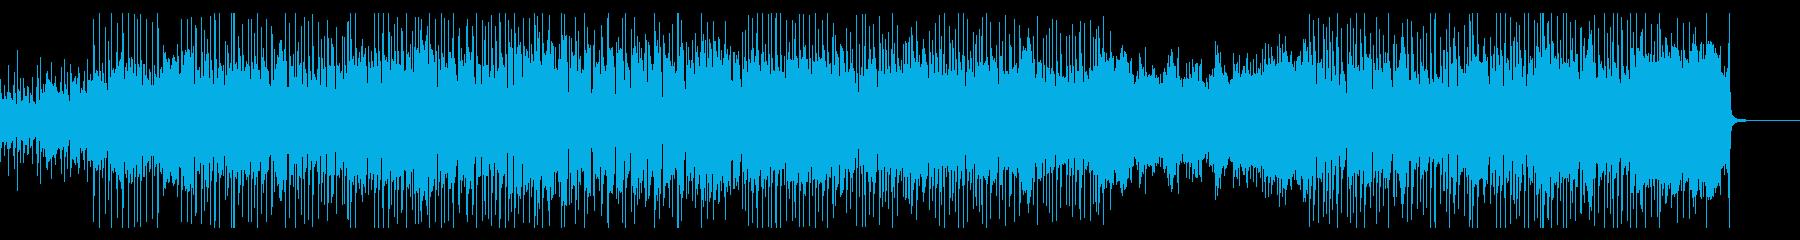 爽やかなピアノとオルガンのロックの再生済みの波形